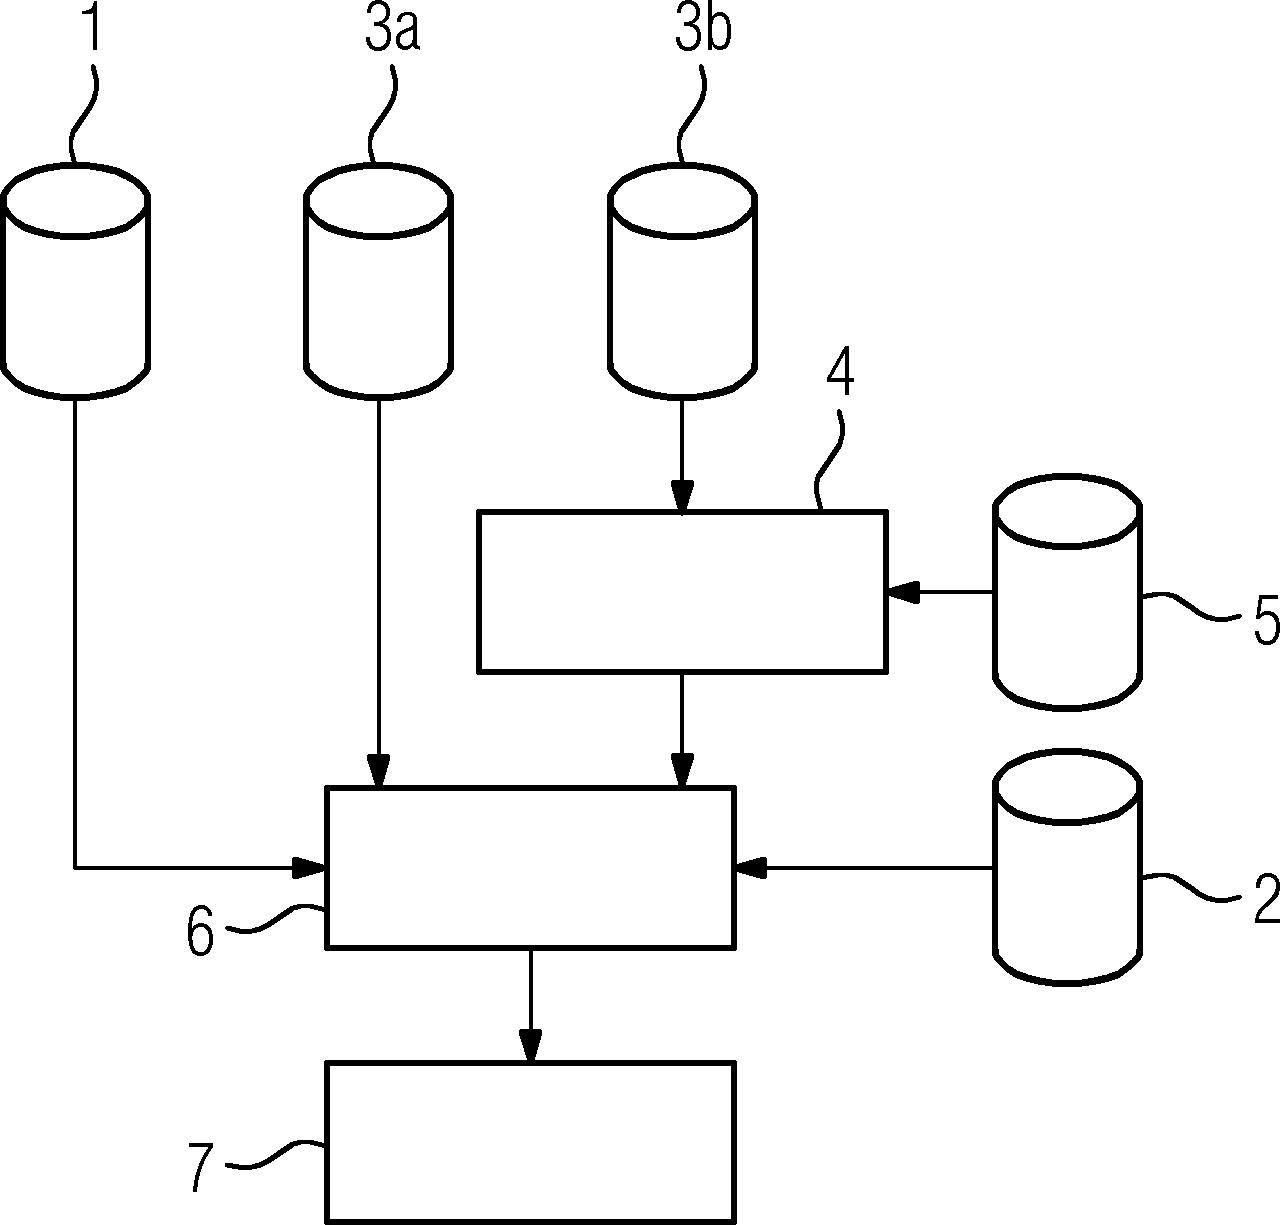 Figure DE102016213515A1_0001